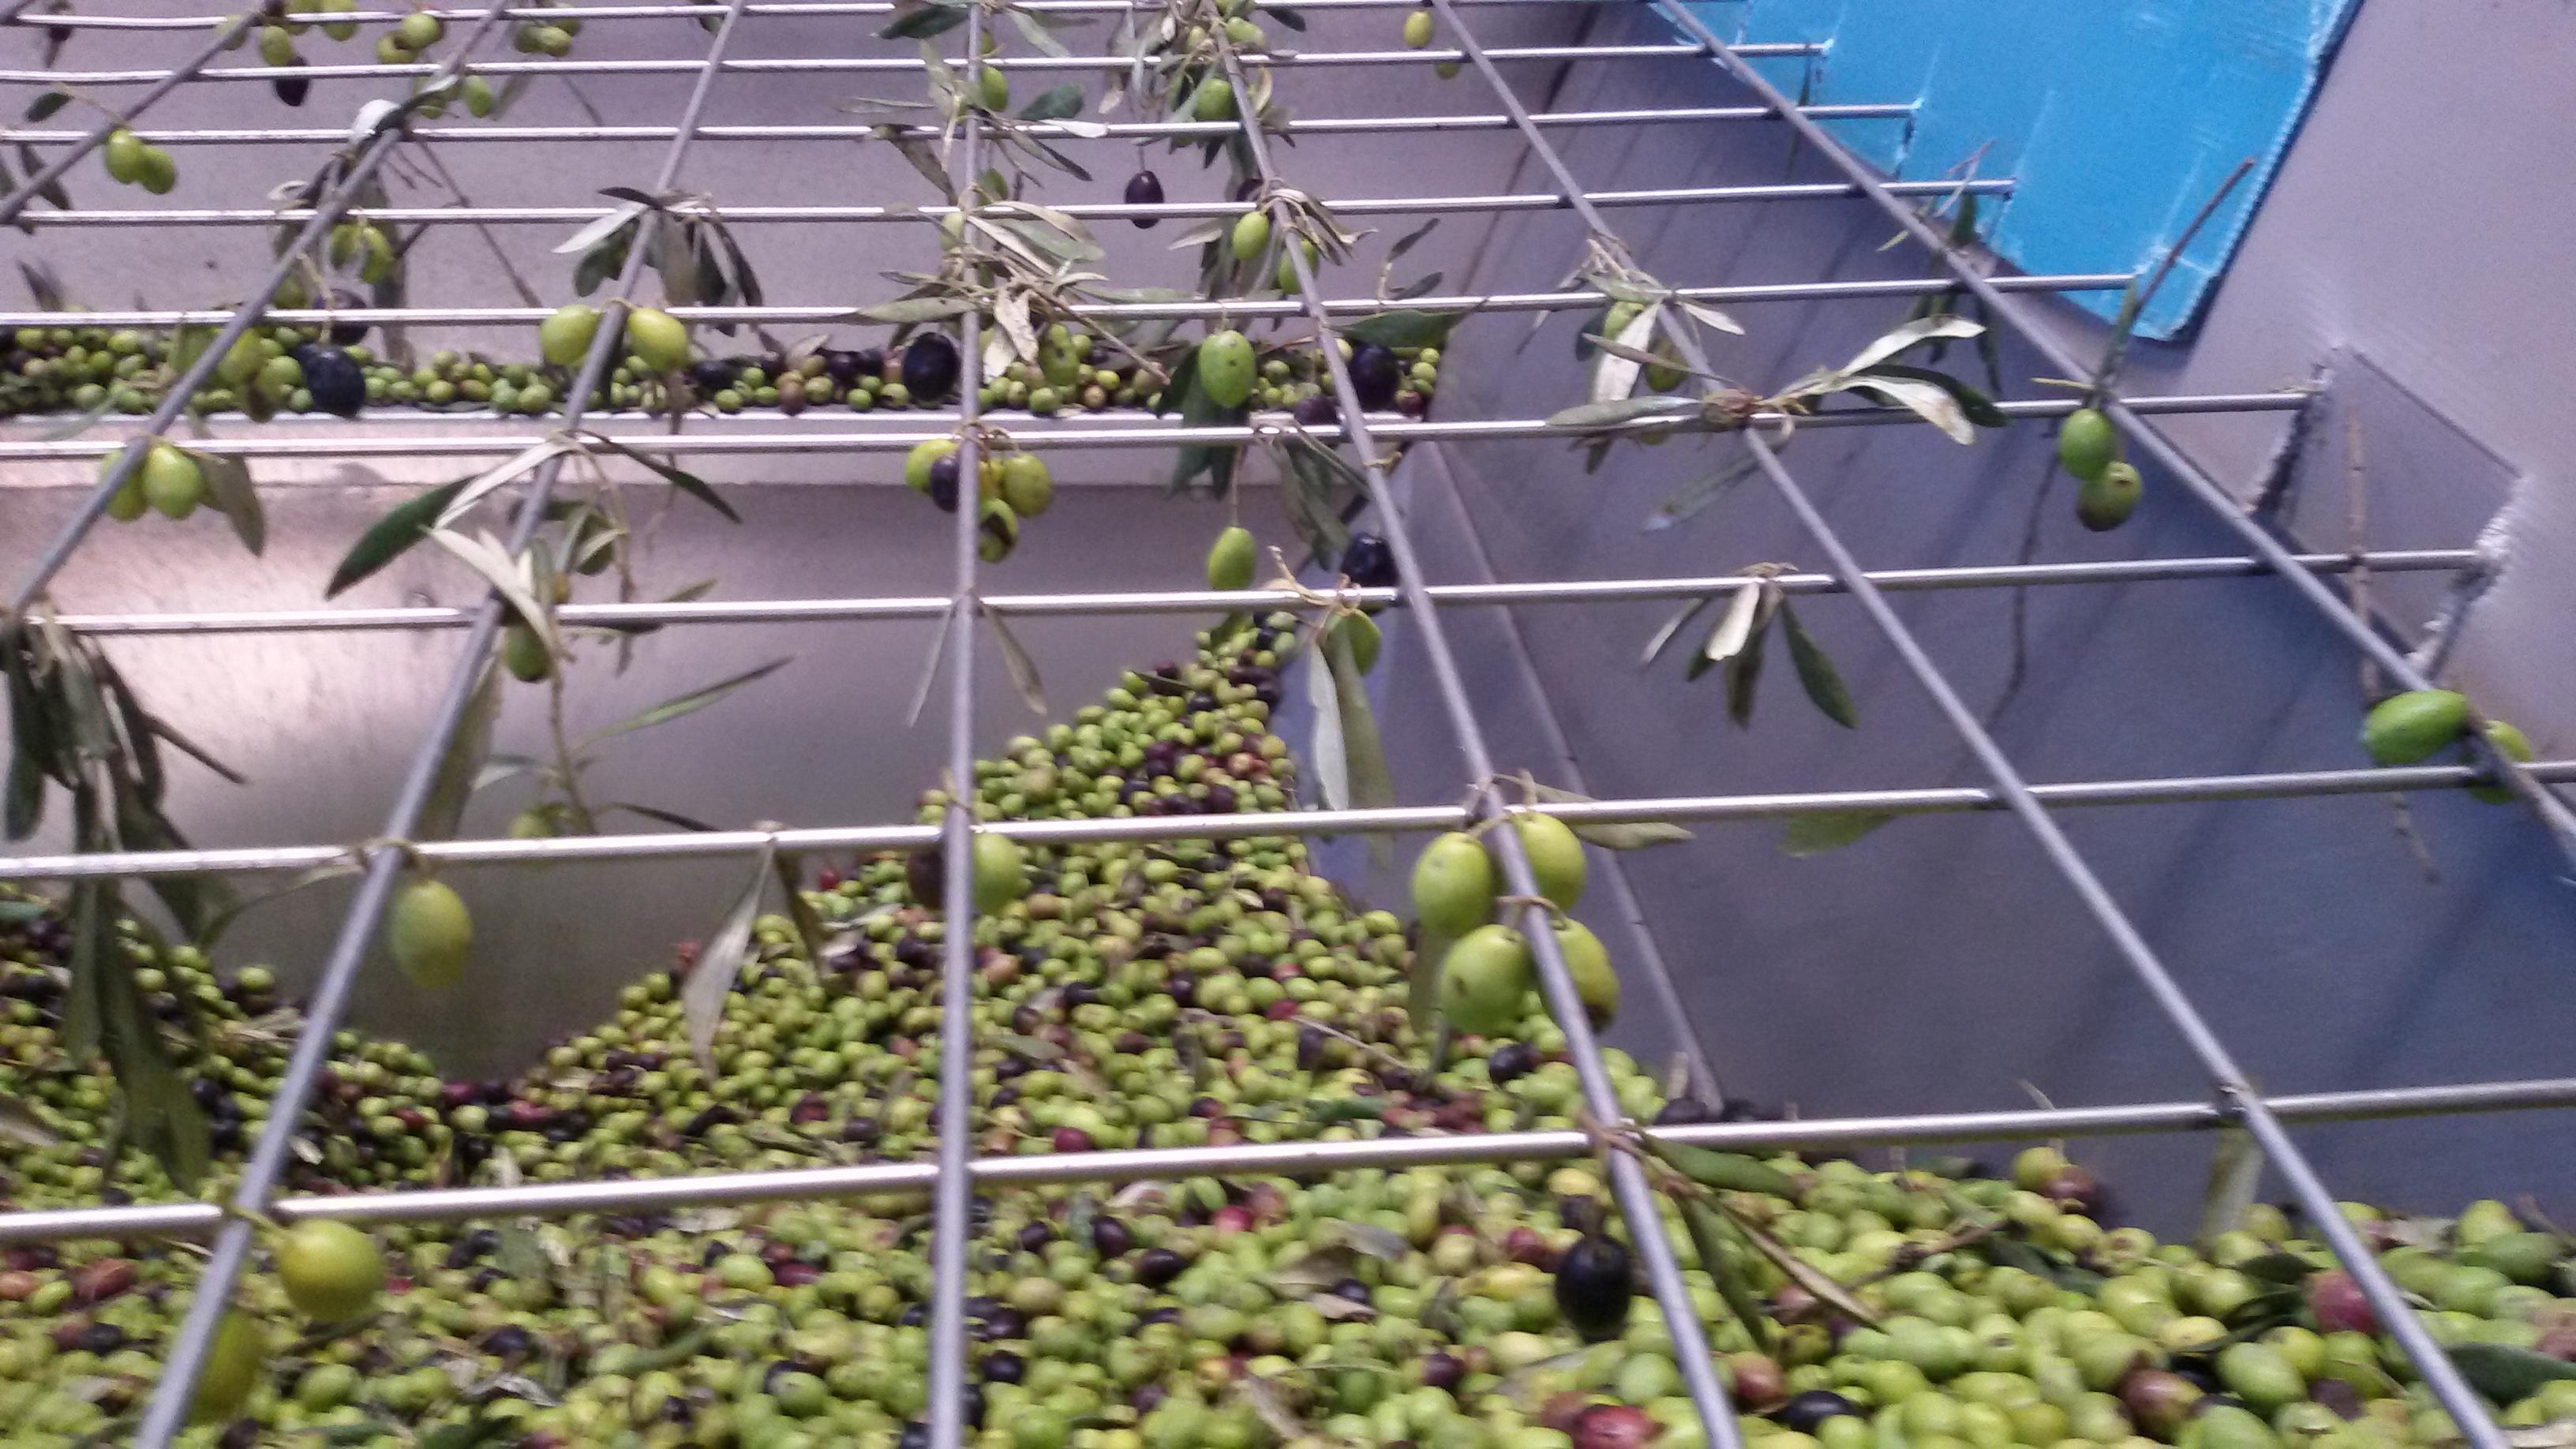 Fragen und Antworten zu meinem Olivenhain, zum Olivenanbau allgemein und zu Olivenbäumen in Deutschland sowie zu Speiseoliven und Olivenöl.